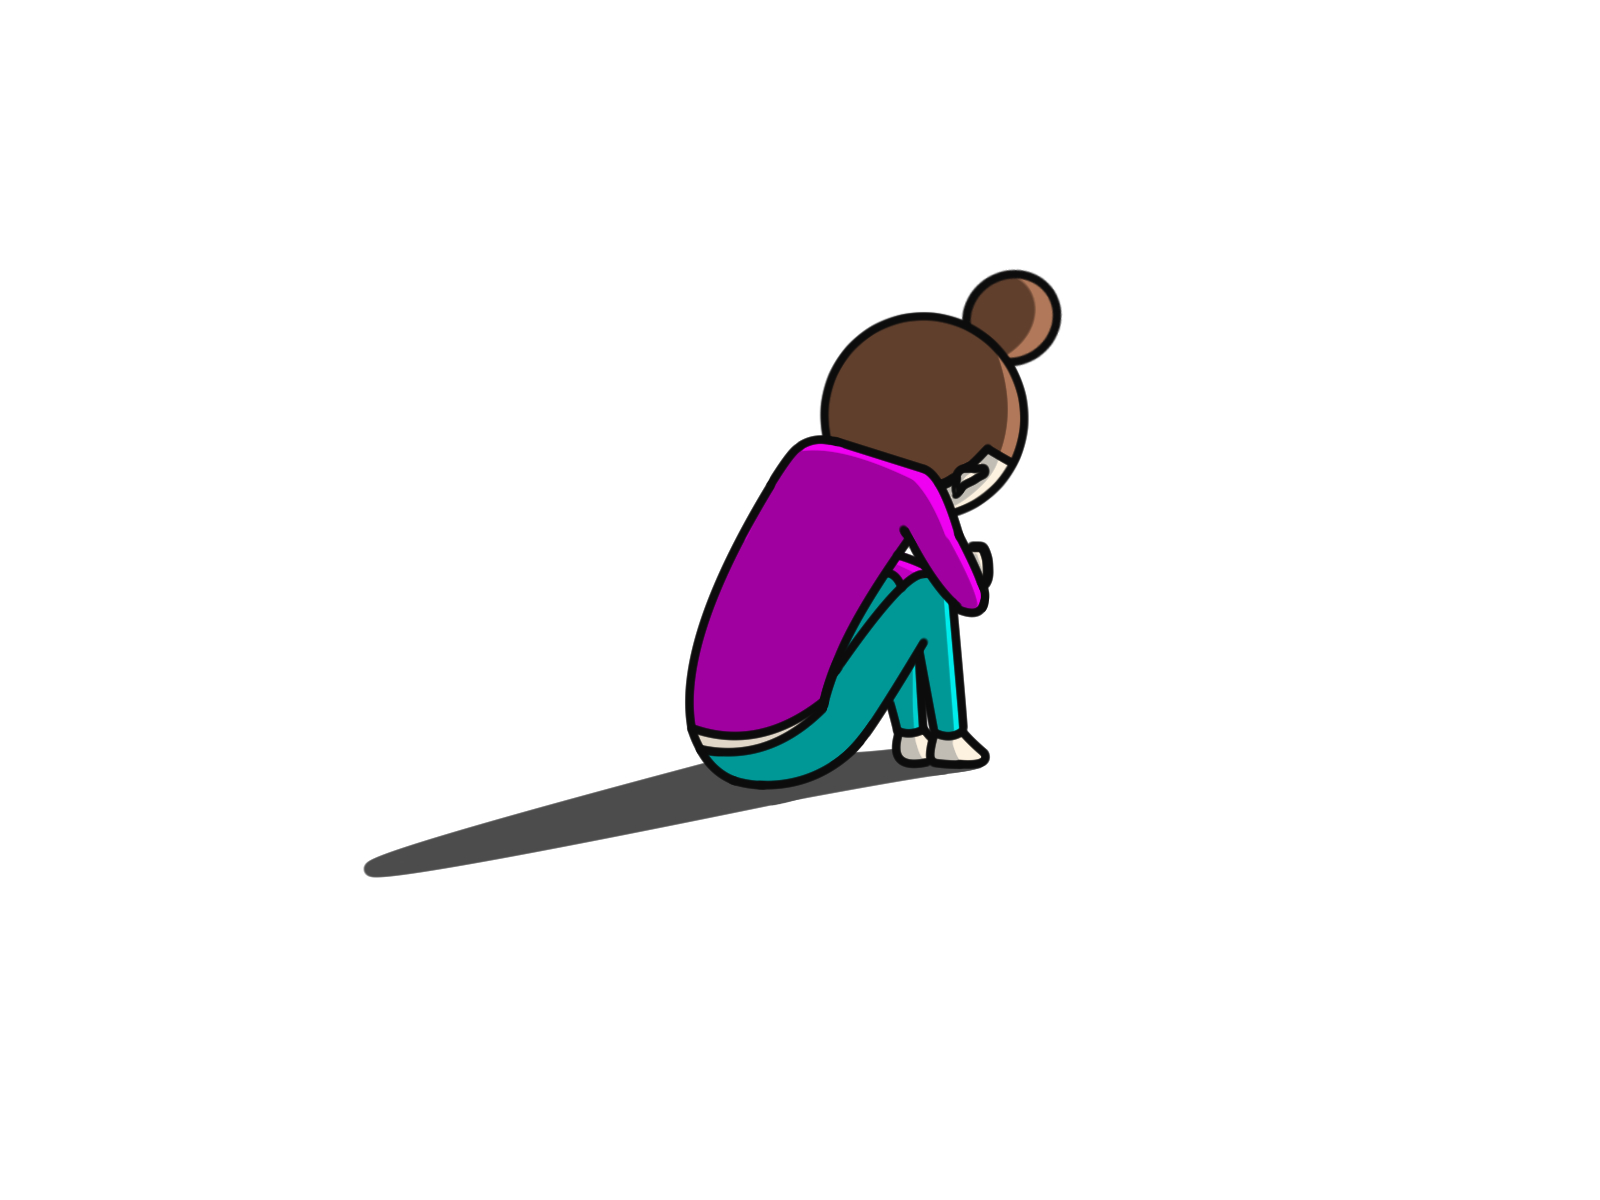 孤独で落ち込む人